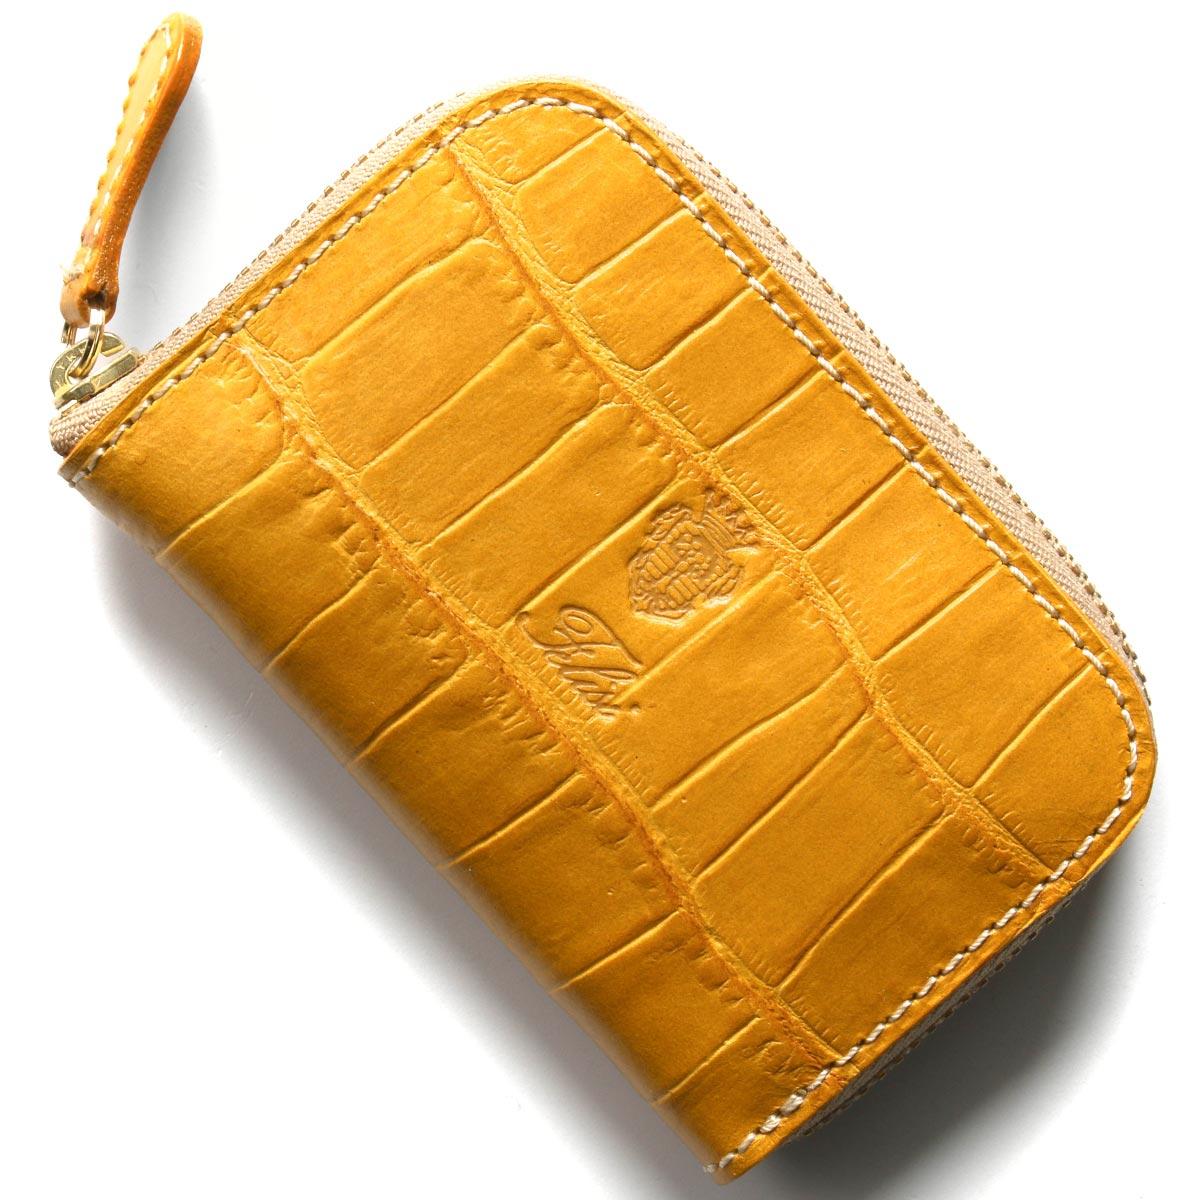 フェリージ コインケース【小銭入れ】 財布 メンズ クロコ型押し ジャッロイエロー 166 SA 0007 FELISI